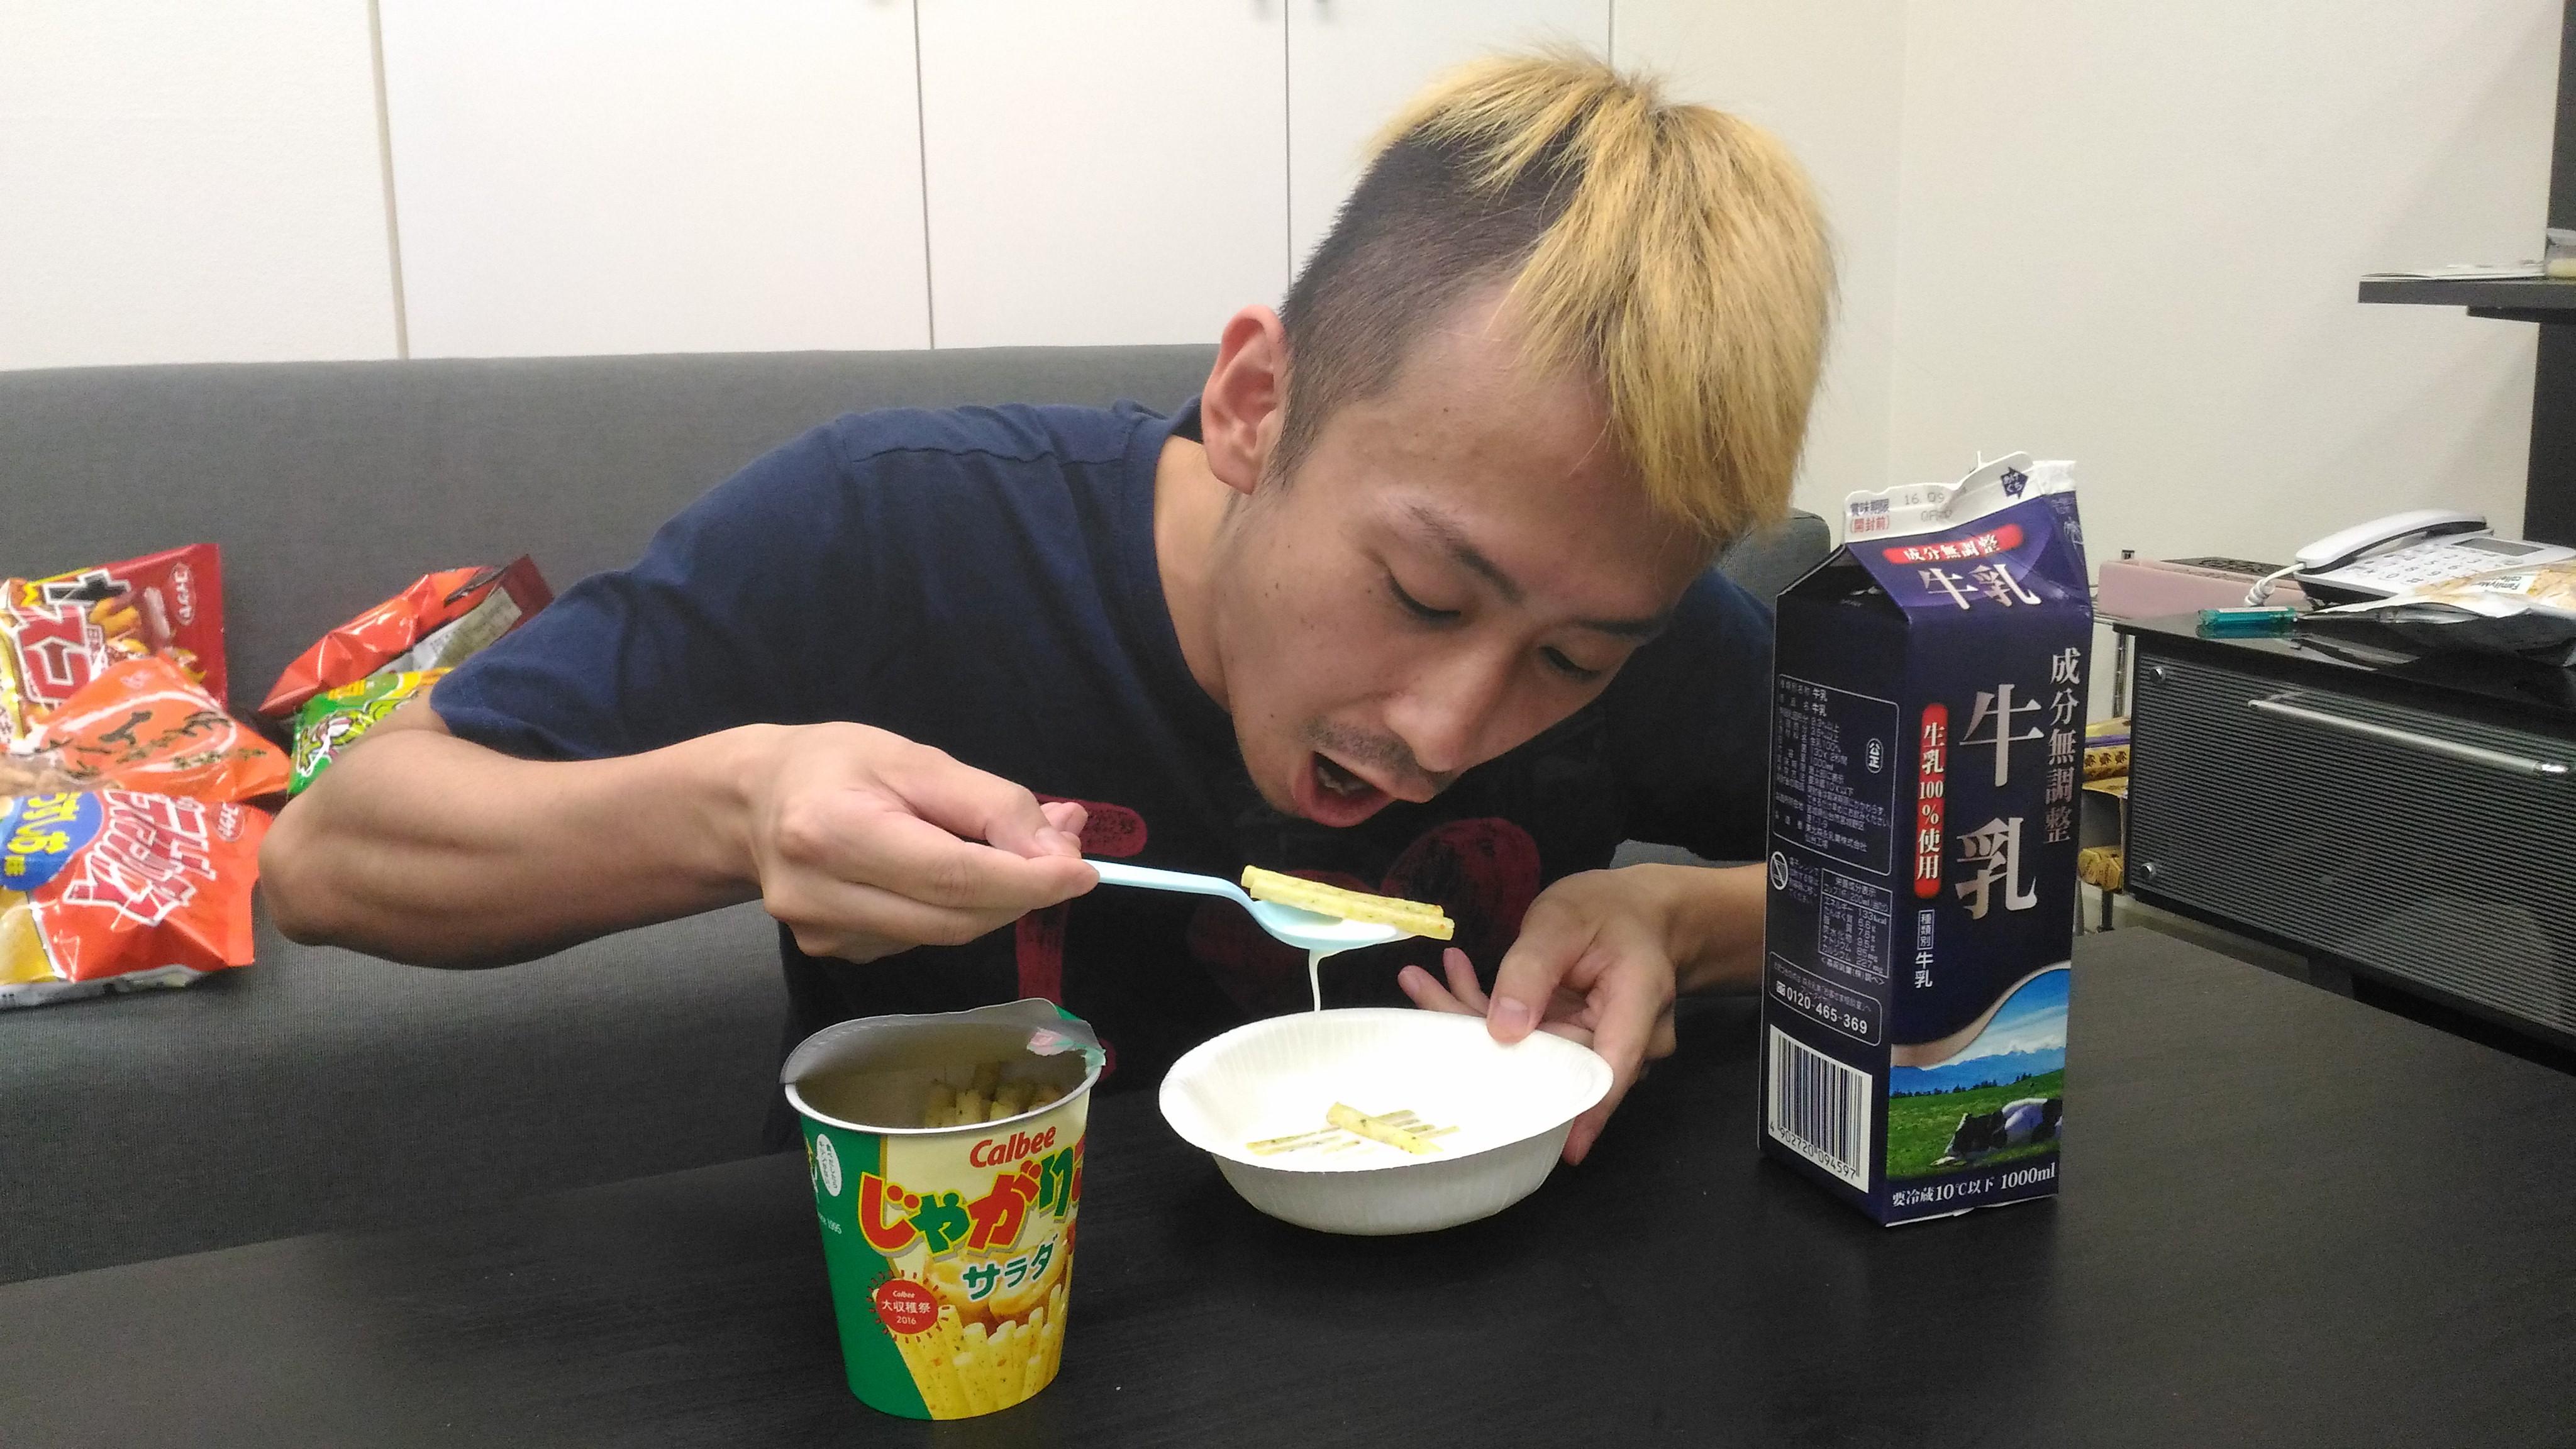 じゃがりこ(サラダ味)と牛乳でシリアル風